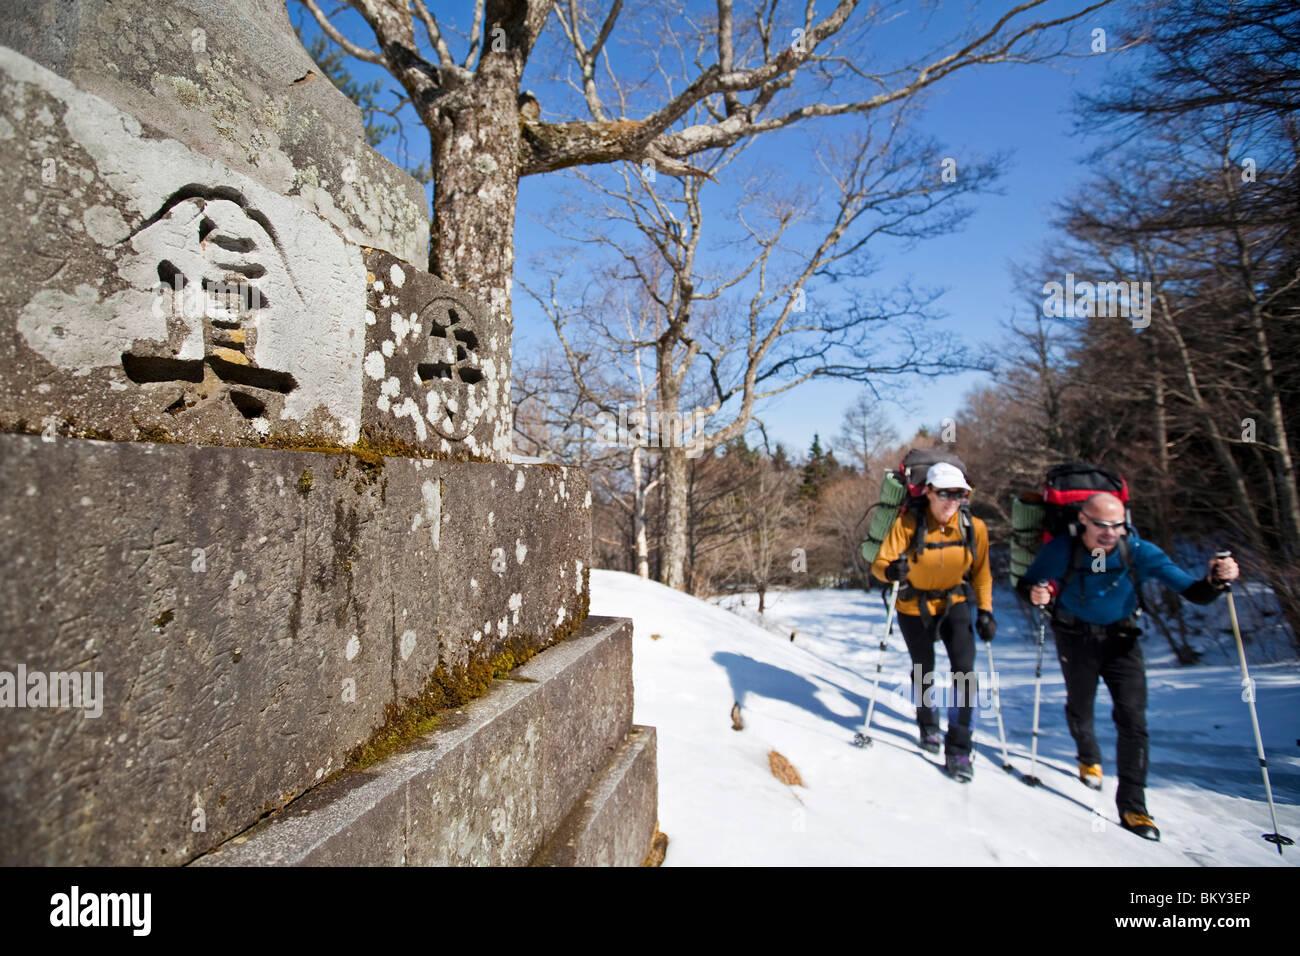 Zwei Personen sind Wandern auf einem Pfad neben einer Wand mit japanischen Schriftzeichen drauf in Mount Fuji Nationalpark, Stockbild